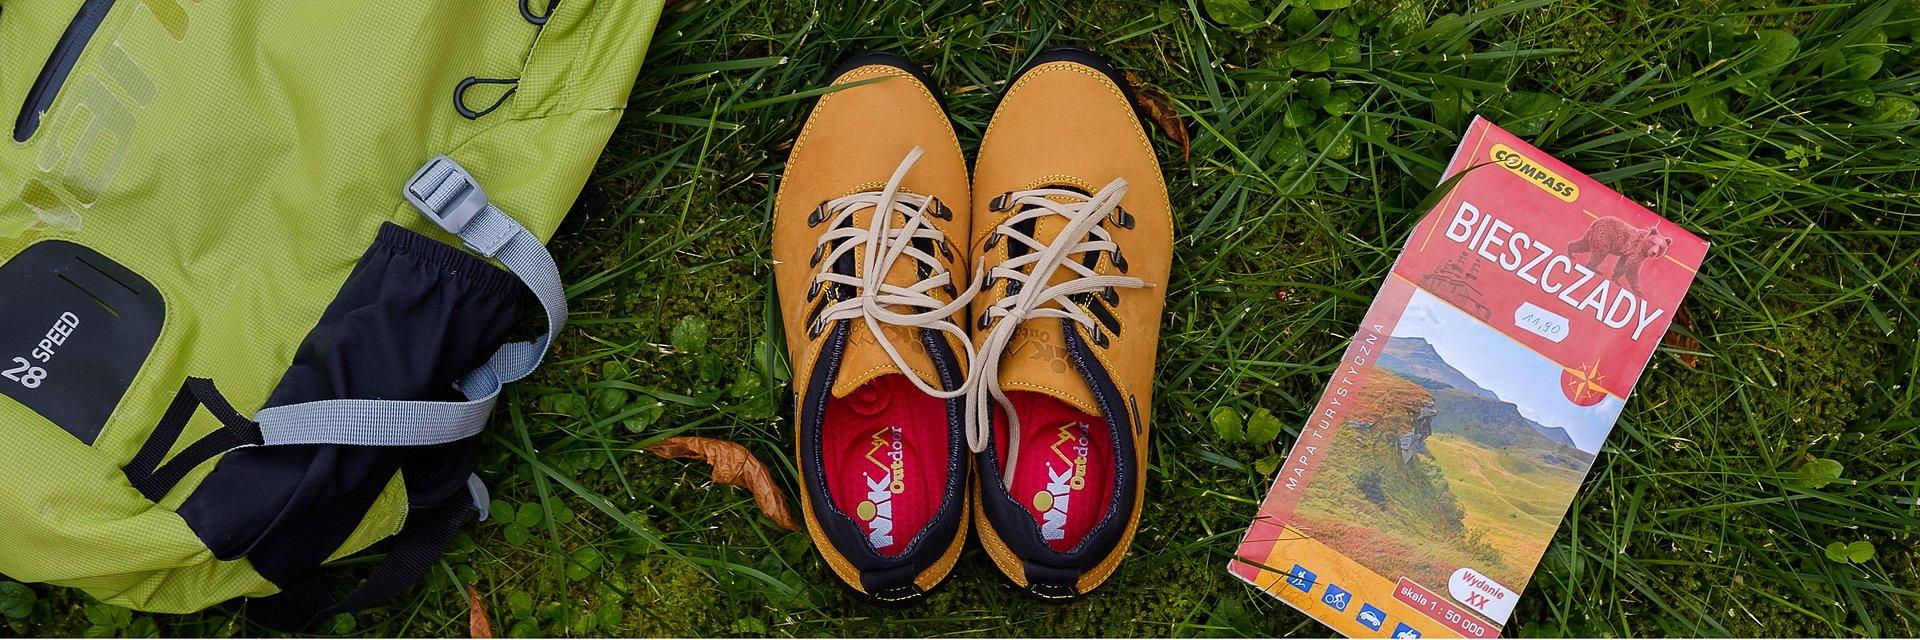 Buty trekkingowe na płaskie tereny – poradnik dla początkujących